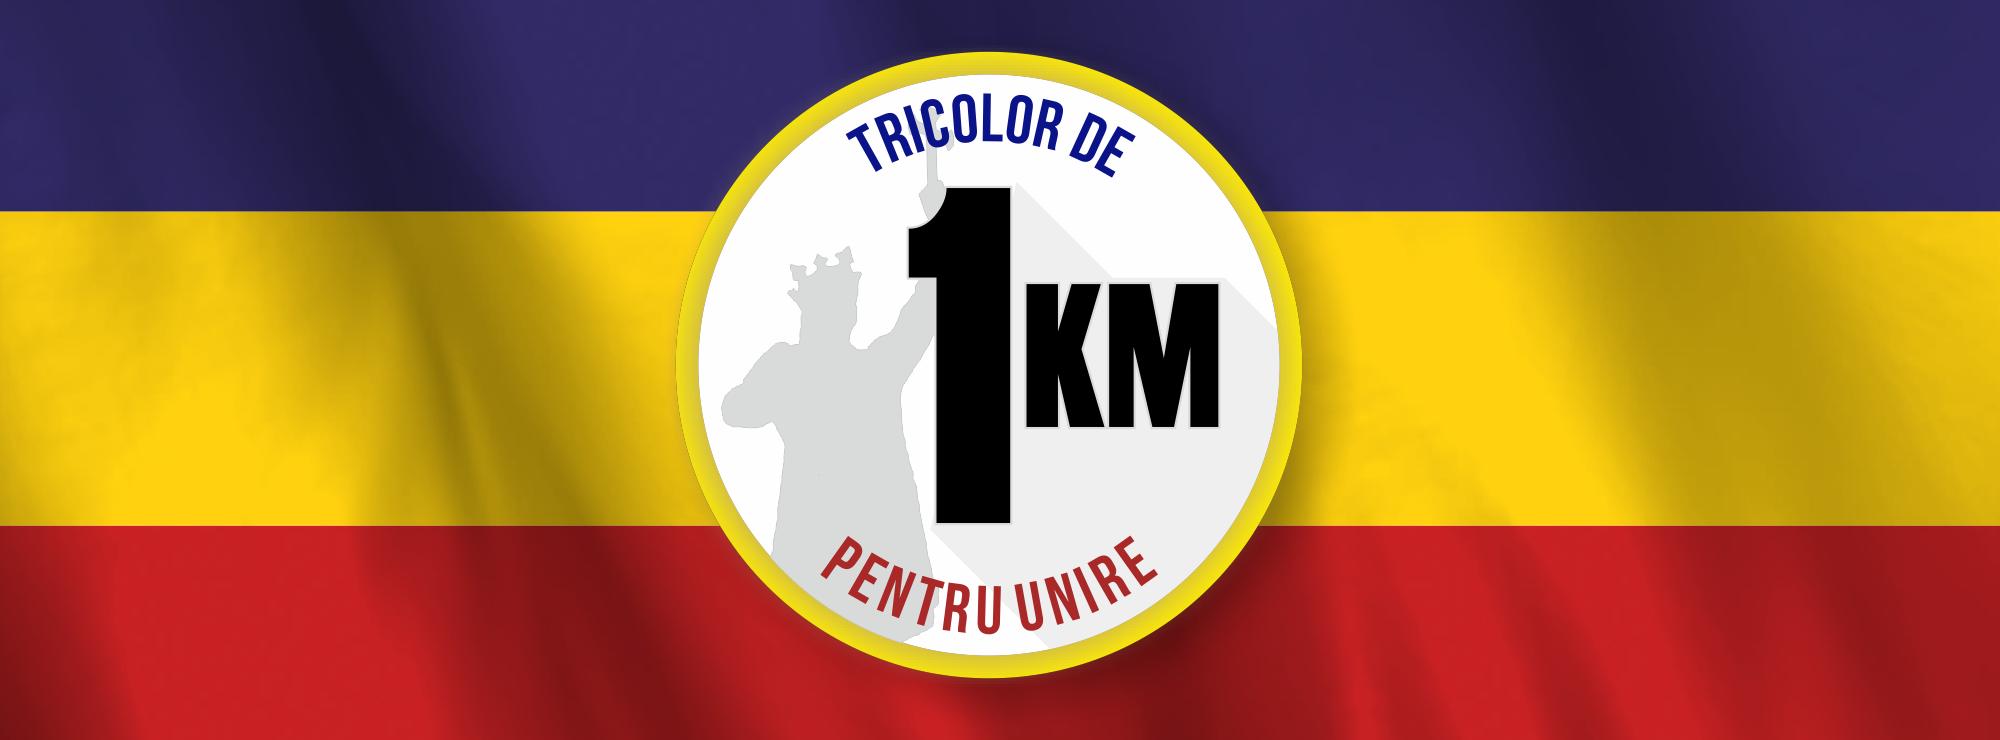 1-km-tricolor-cover